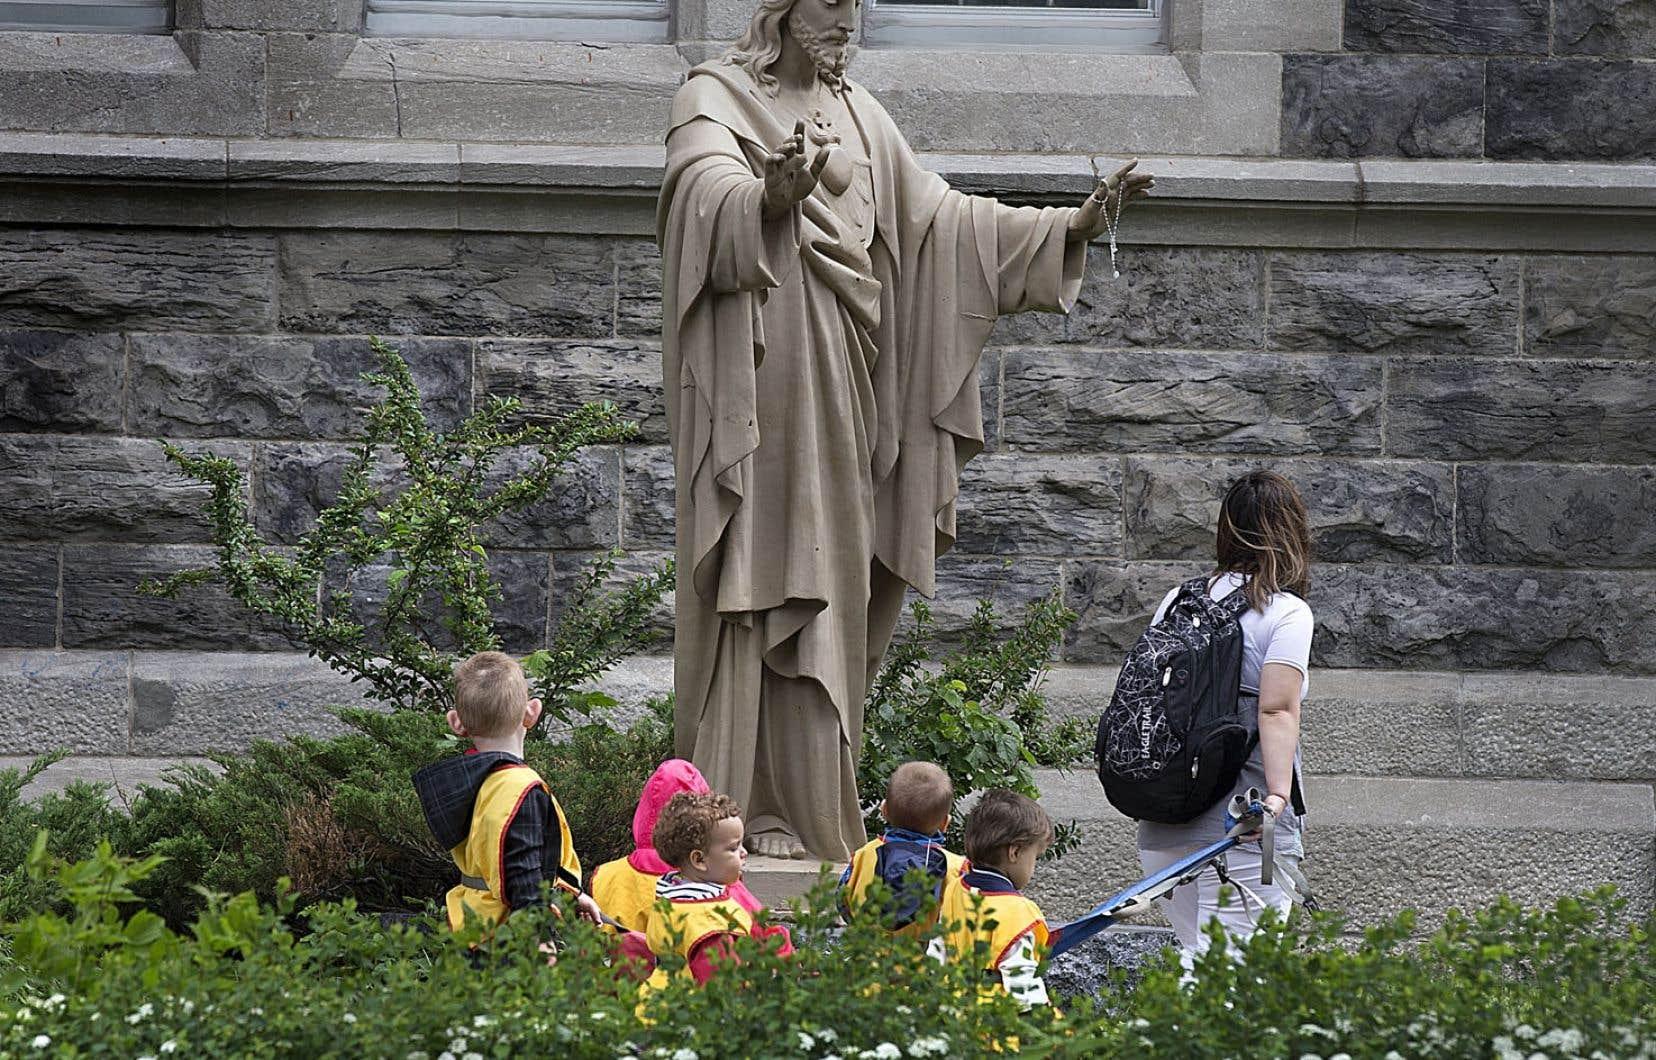 Les CPE n'ont pas leur place dans les églises, dit l'adjoint au vicaire général de Montréal, Alain Walhin.